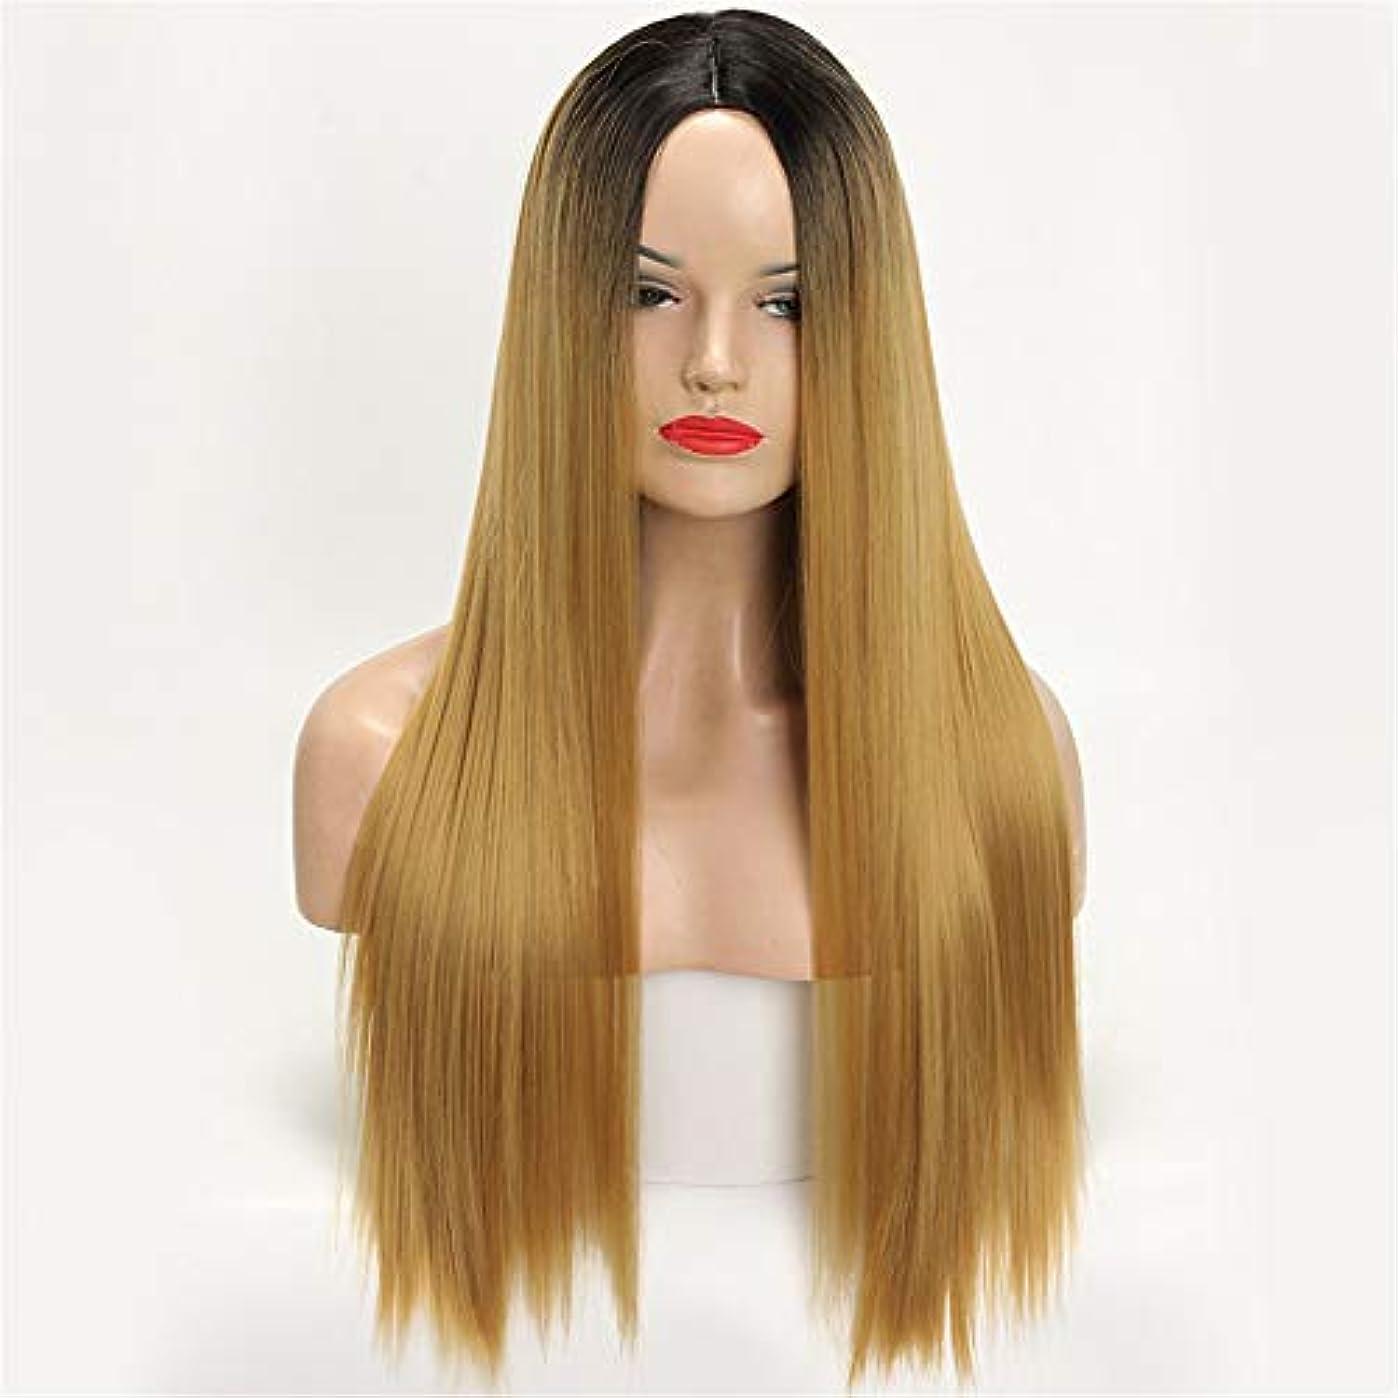 リング病な自宅でかつらロングストレートヘア女性勾配化学繊維フードオンブルブラックブロンドロングストレート高温合成繊維ウィッグ女性用ウィッグ30インチ